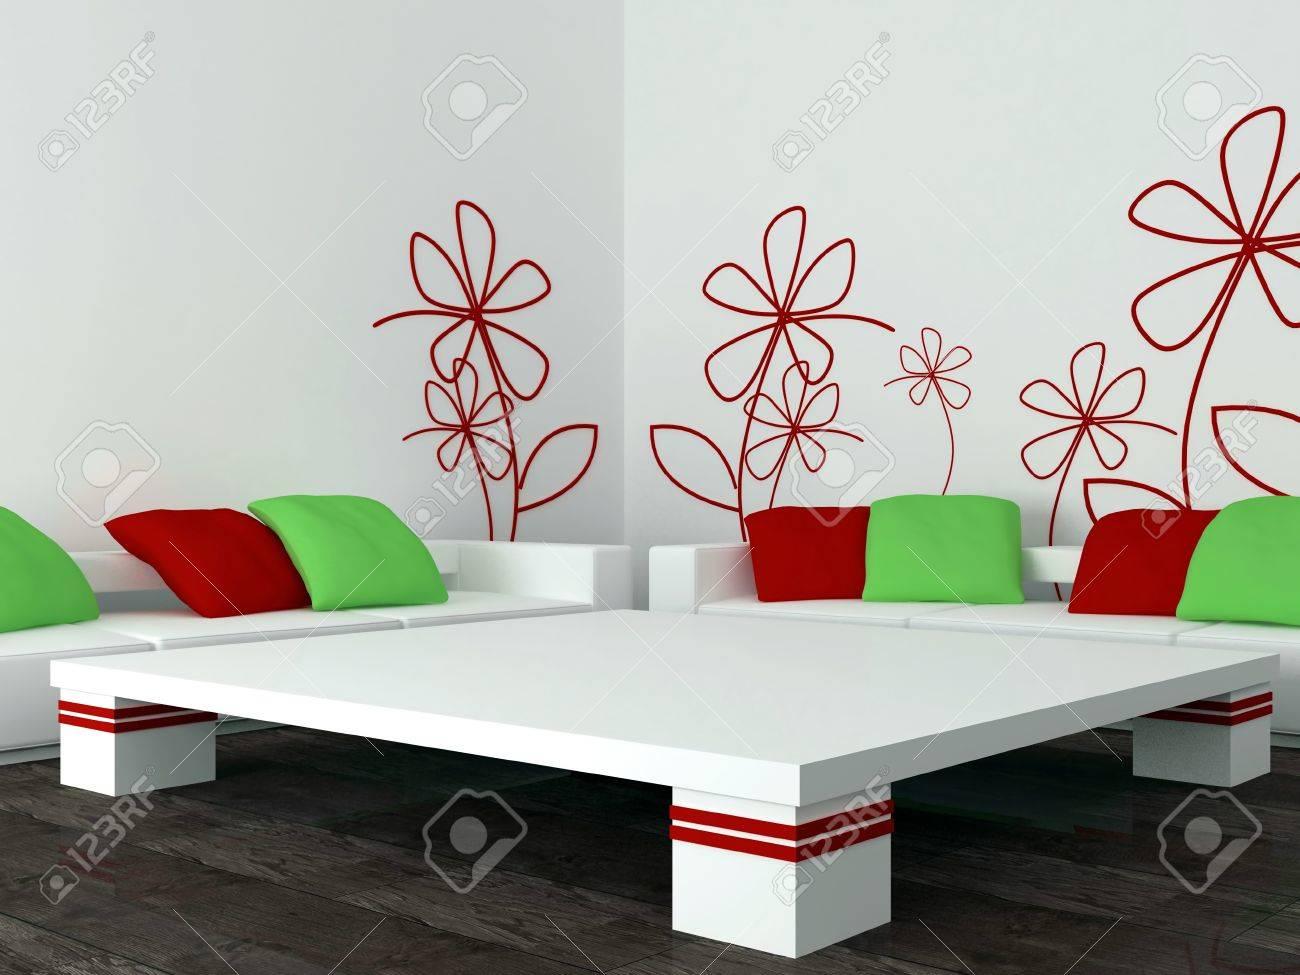 Design d\'intérieur de salon moderne blanc, un salon avec de grands canapés  blancs avec des oreillers rouges et verts, de rendu 3d